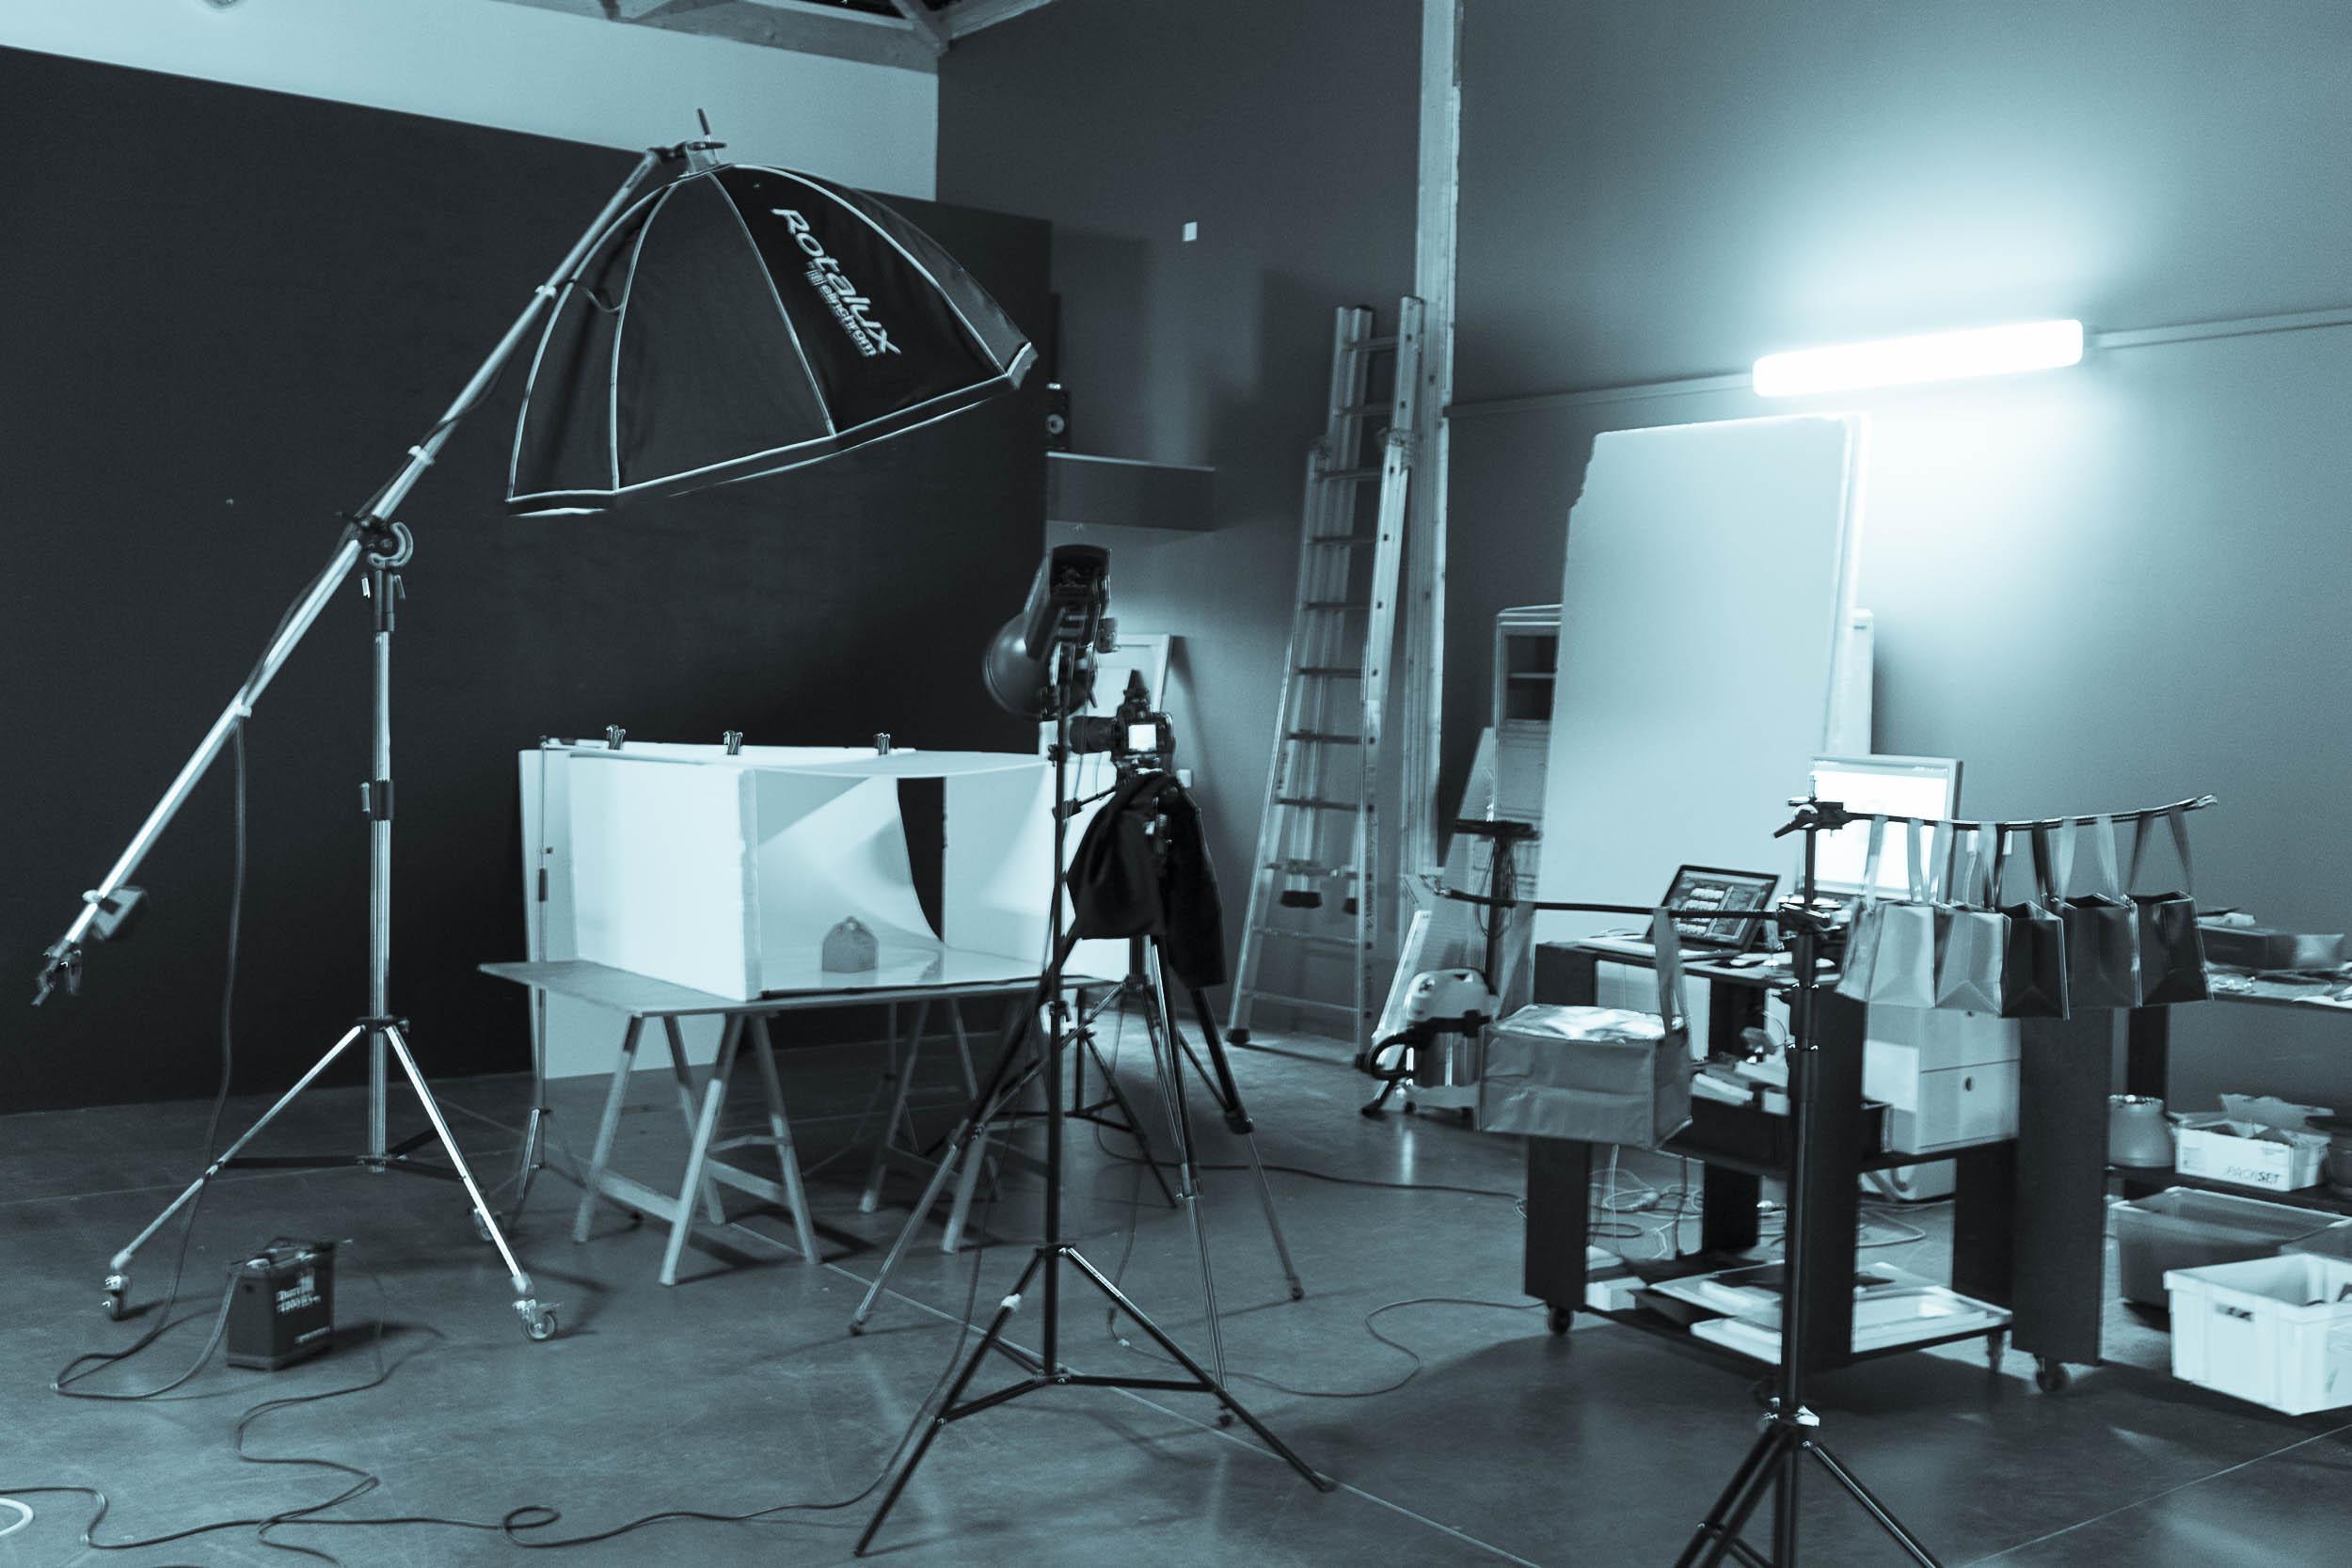 yves berrier photographe professionnel studio de prises de vue bretagne. Black Bedroom Furniture Sets. Home Design Ideas